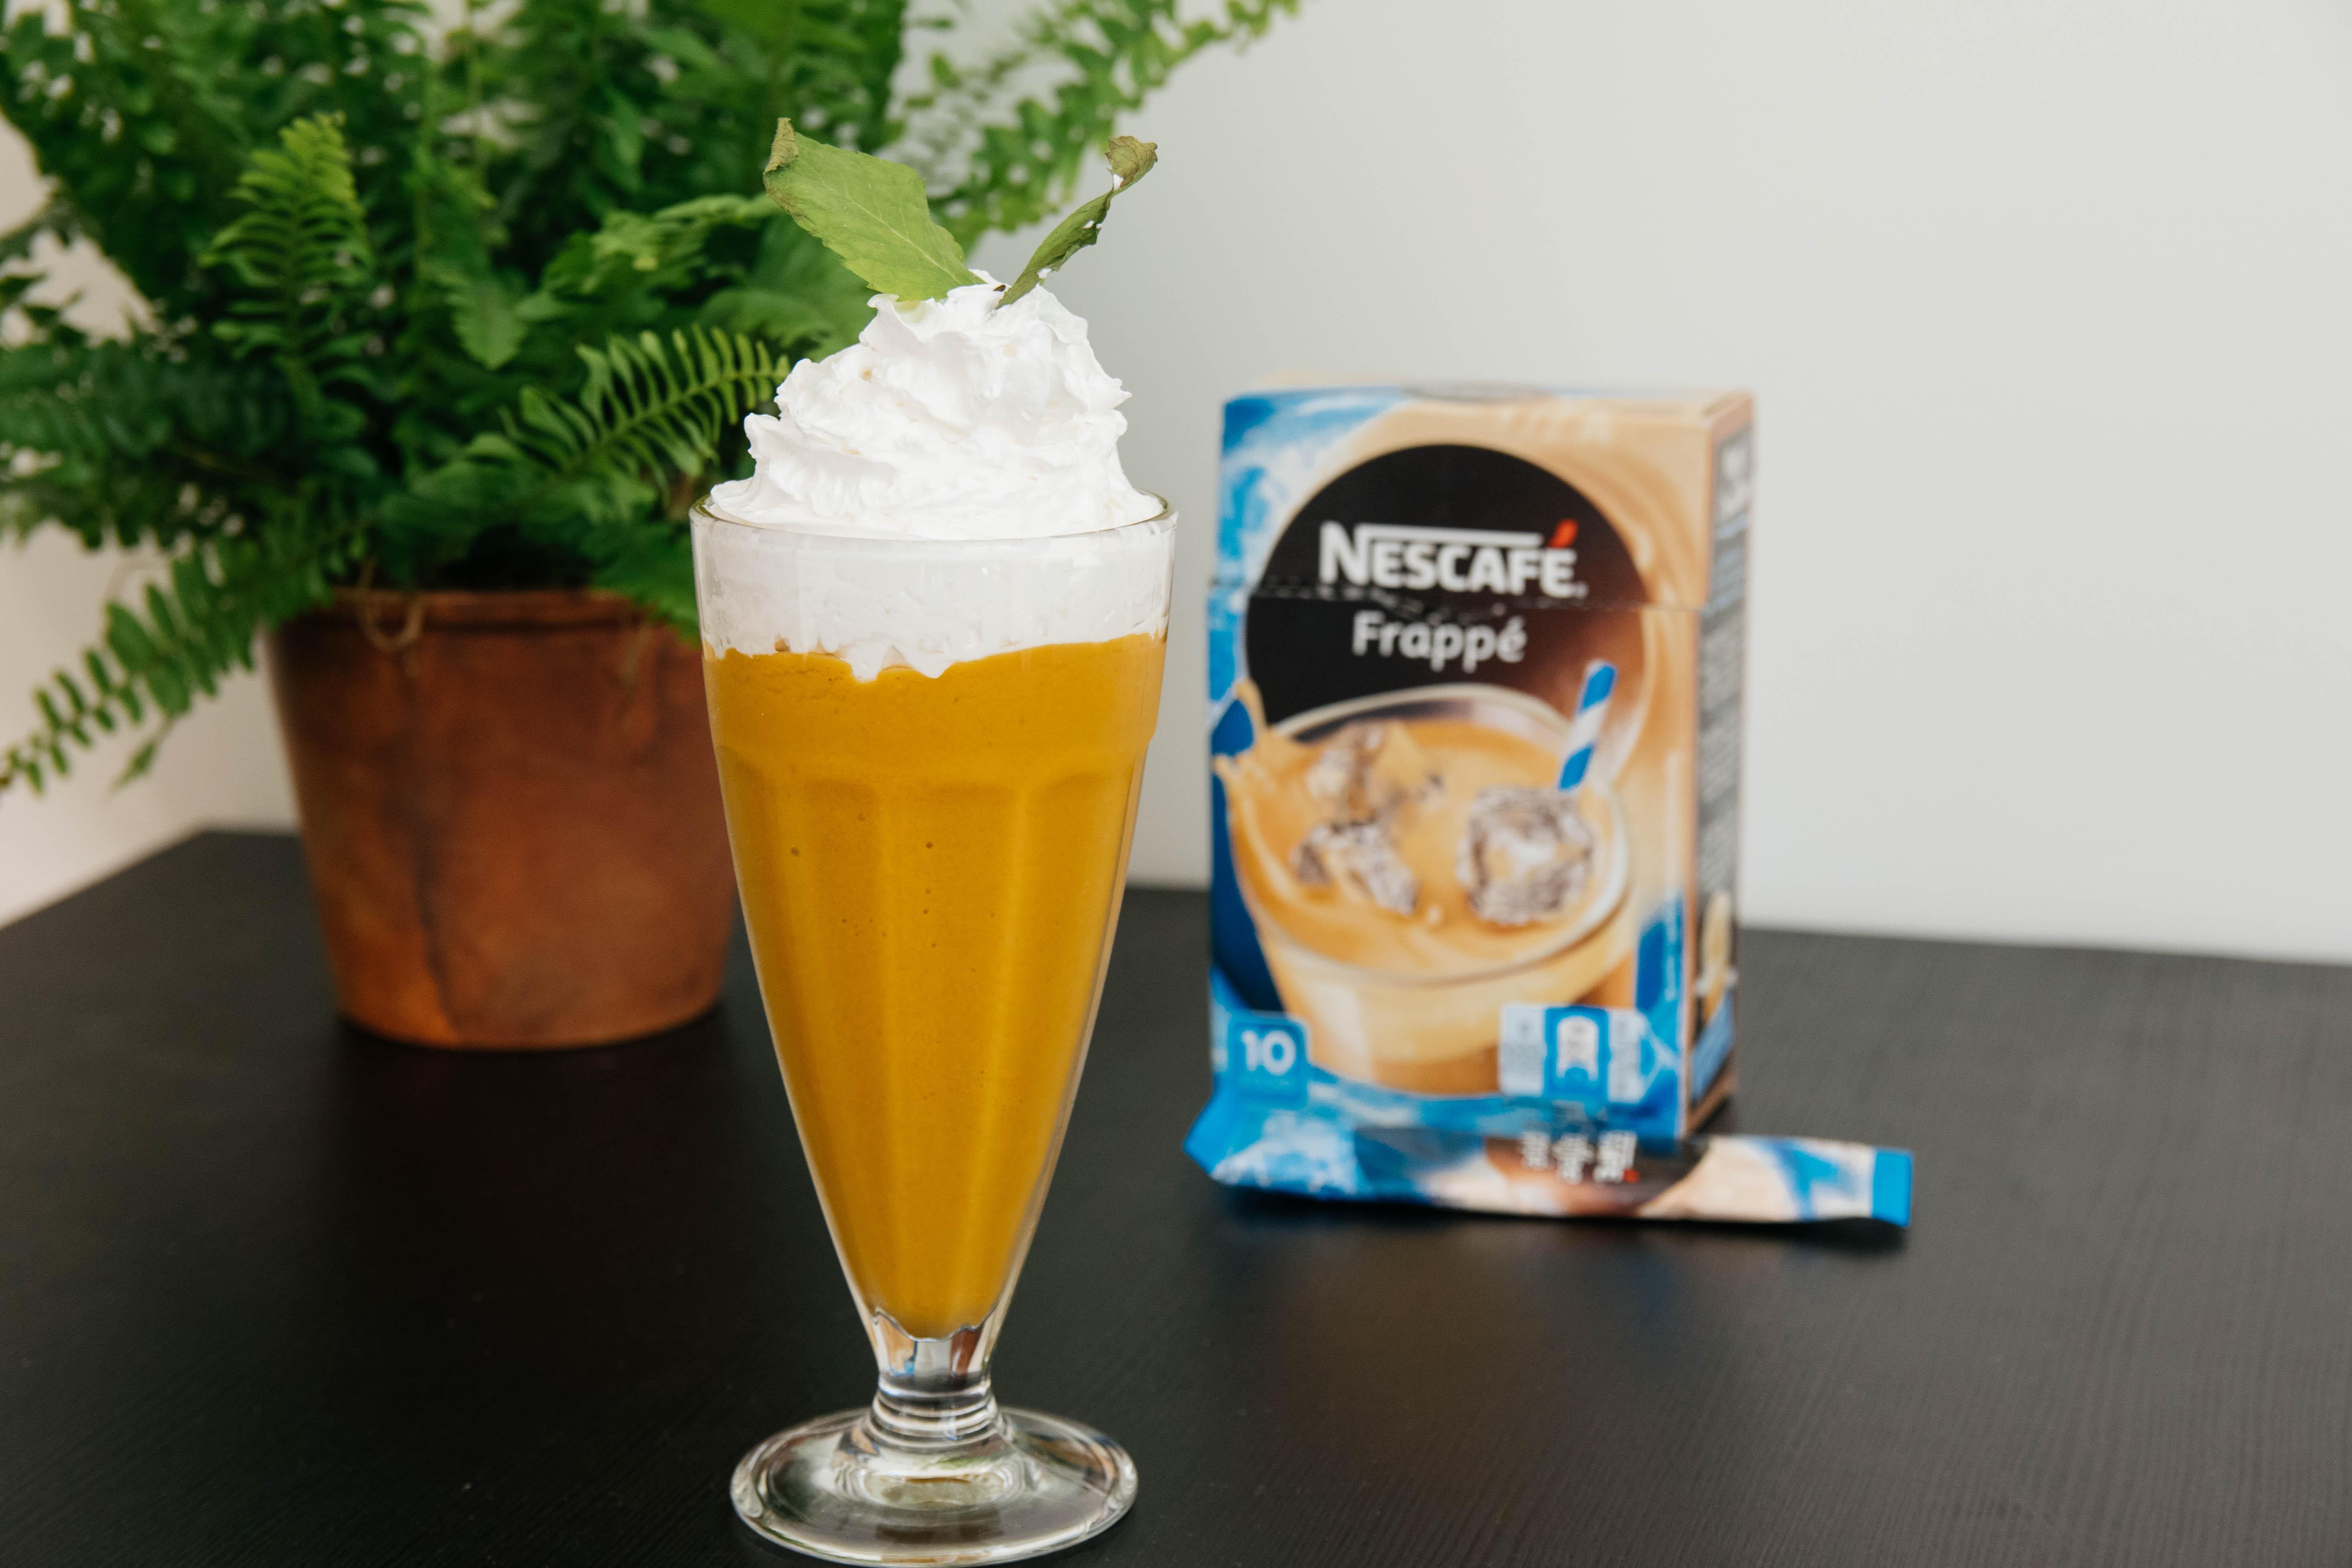 mangoccino shake